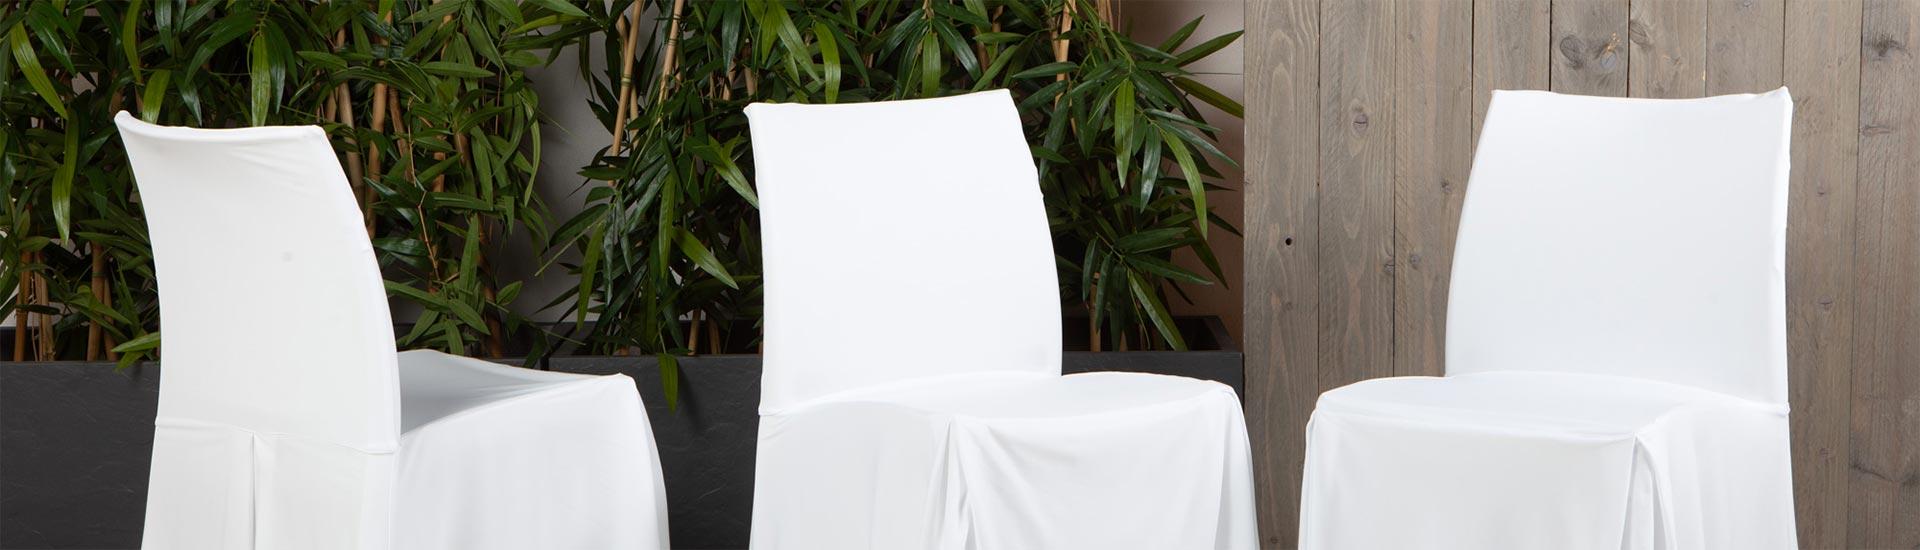 Location de housses de chaises pour vos v nements options - Location de housse de chaise ...